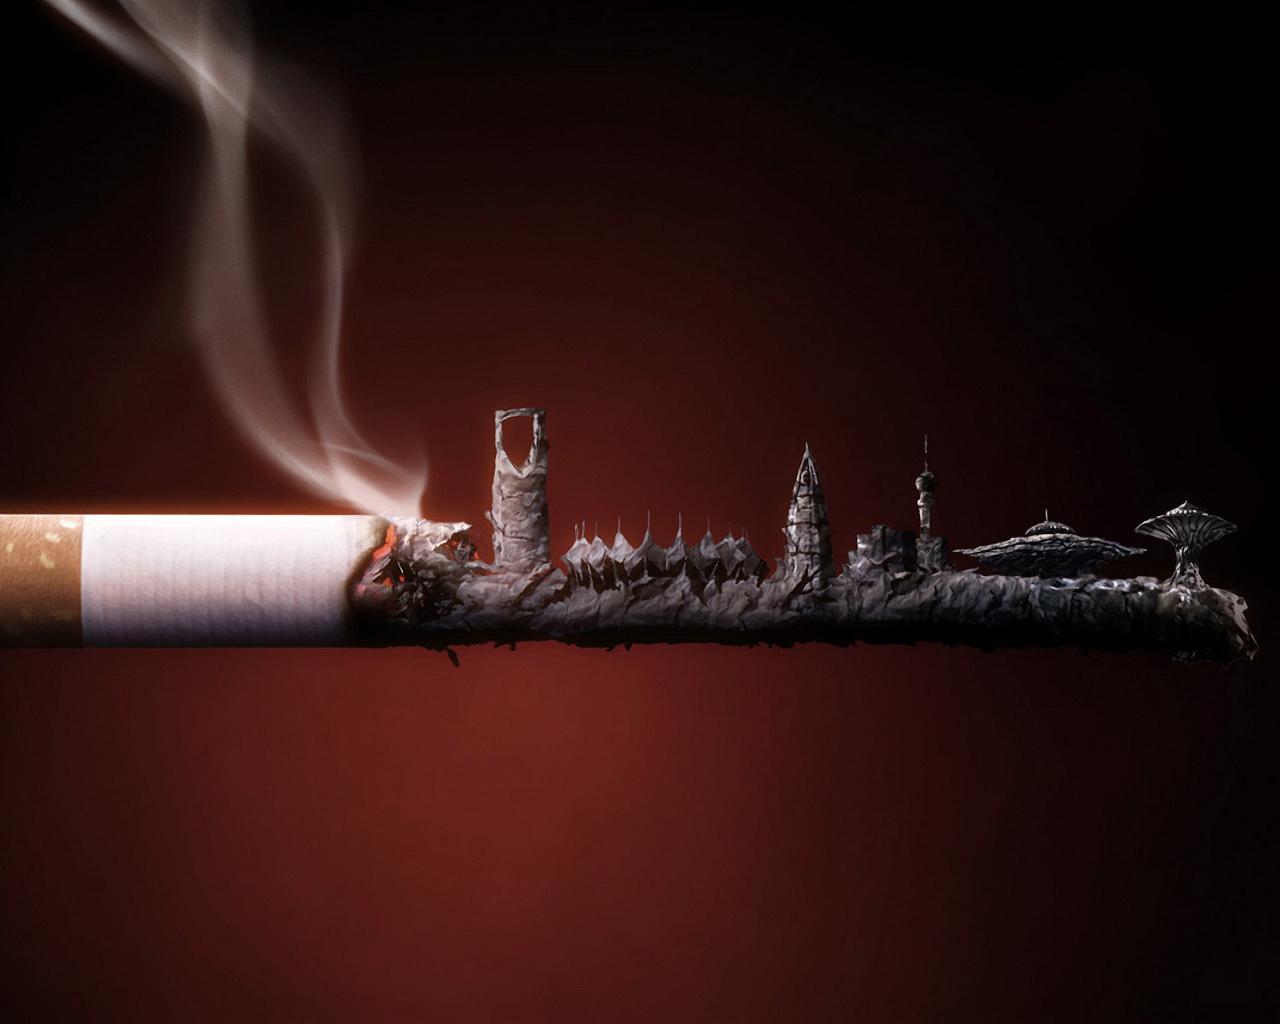 http://1.bp.blogspot.com/-XD50-ryOPv0/TeNCbjafIxI/AAAAAAAAAAs/-sg6lkN_EnA/s1600/Photoshop_Cigarette_007335_.jpg